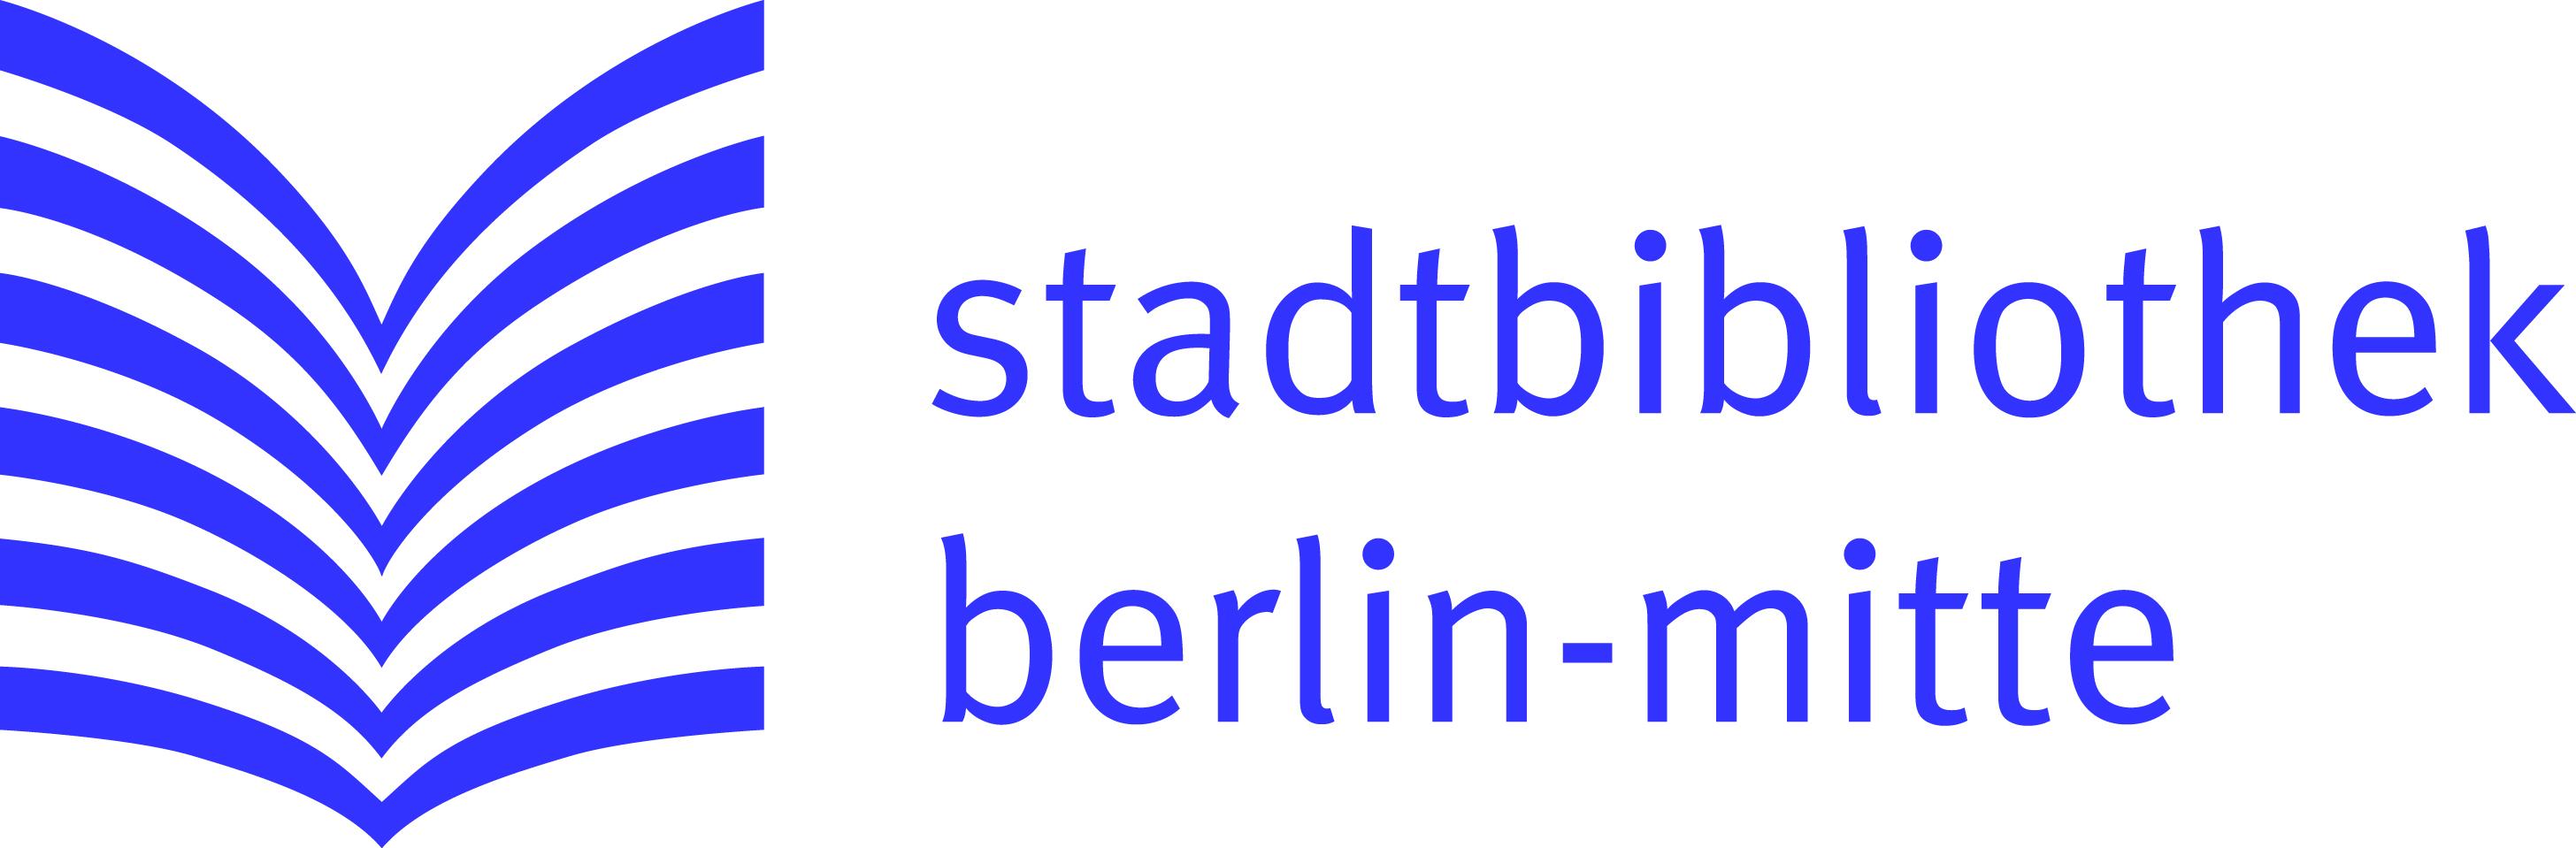 Logo Stdtbibliothek Mitte_alle